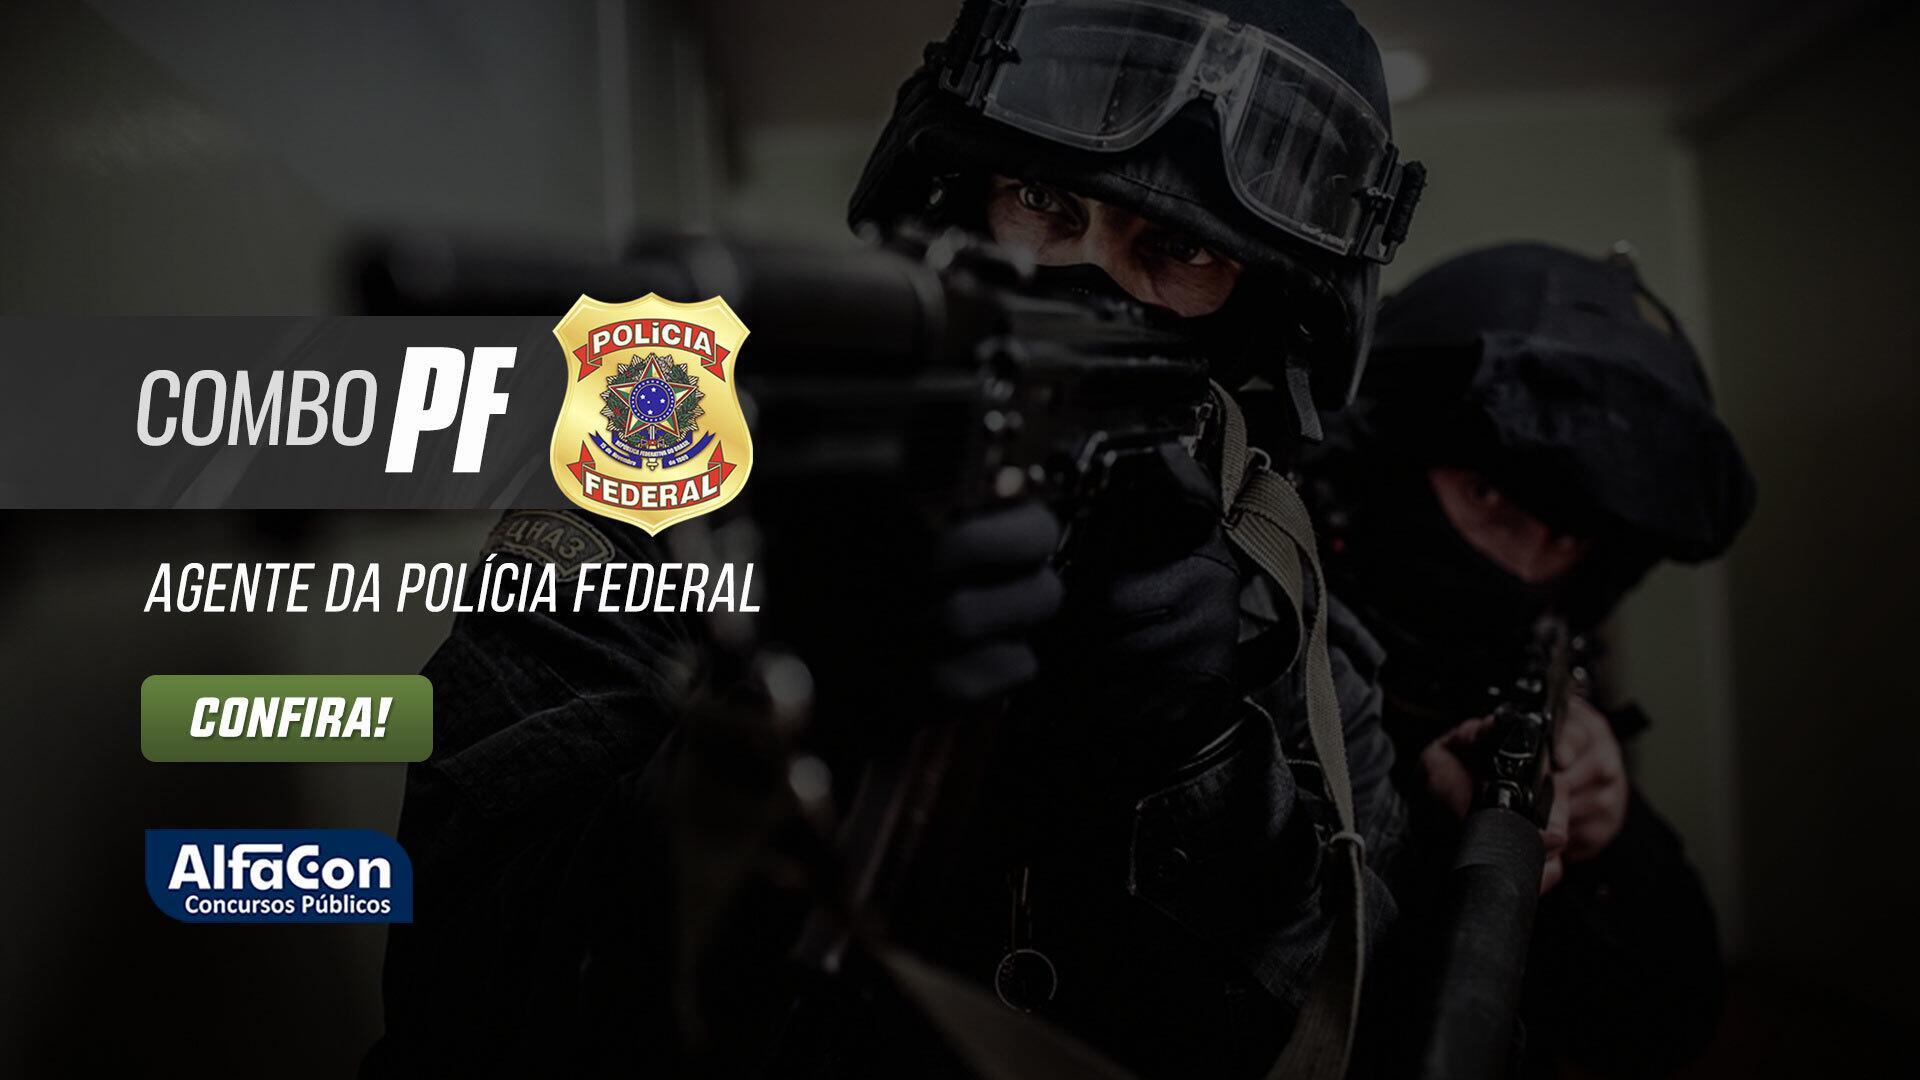 Combo PF - Agente da Polícia Federal